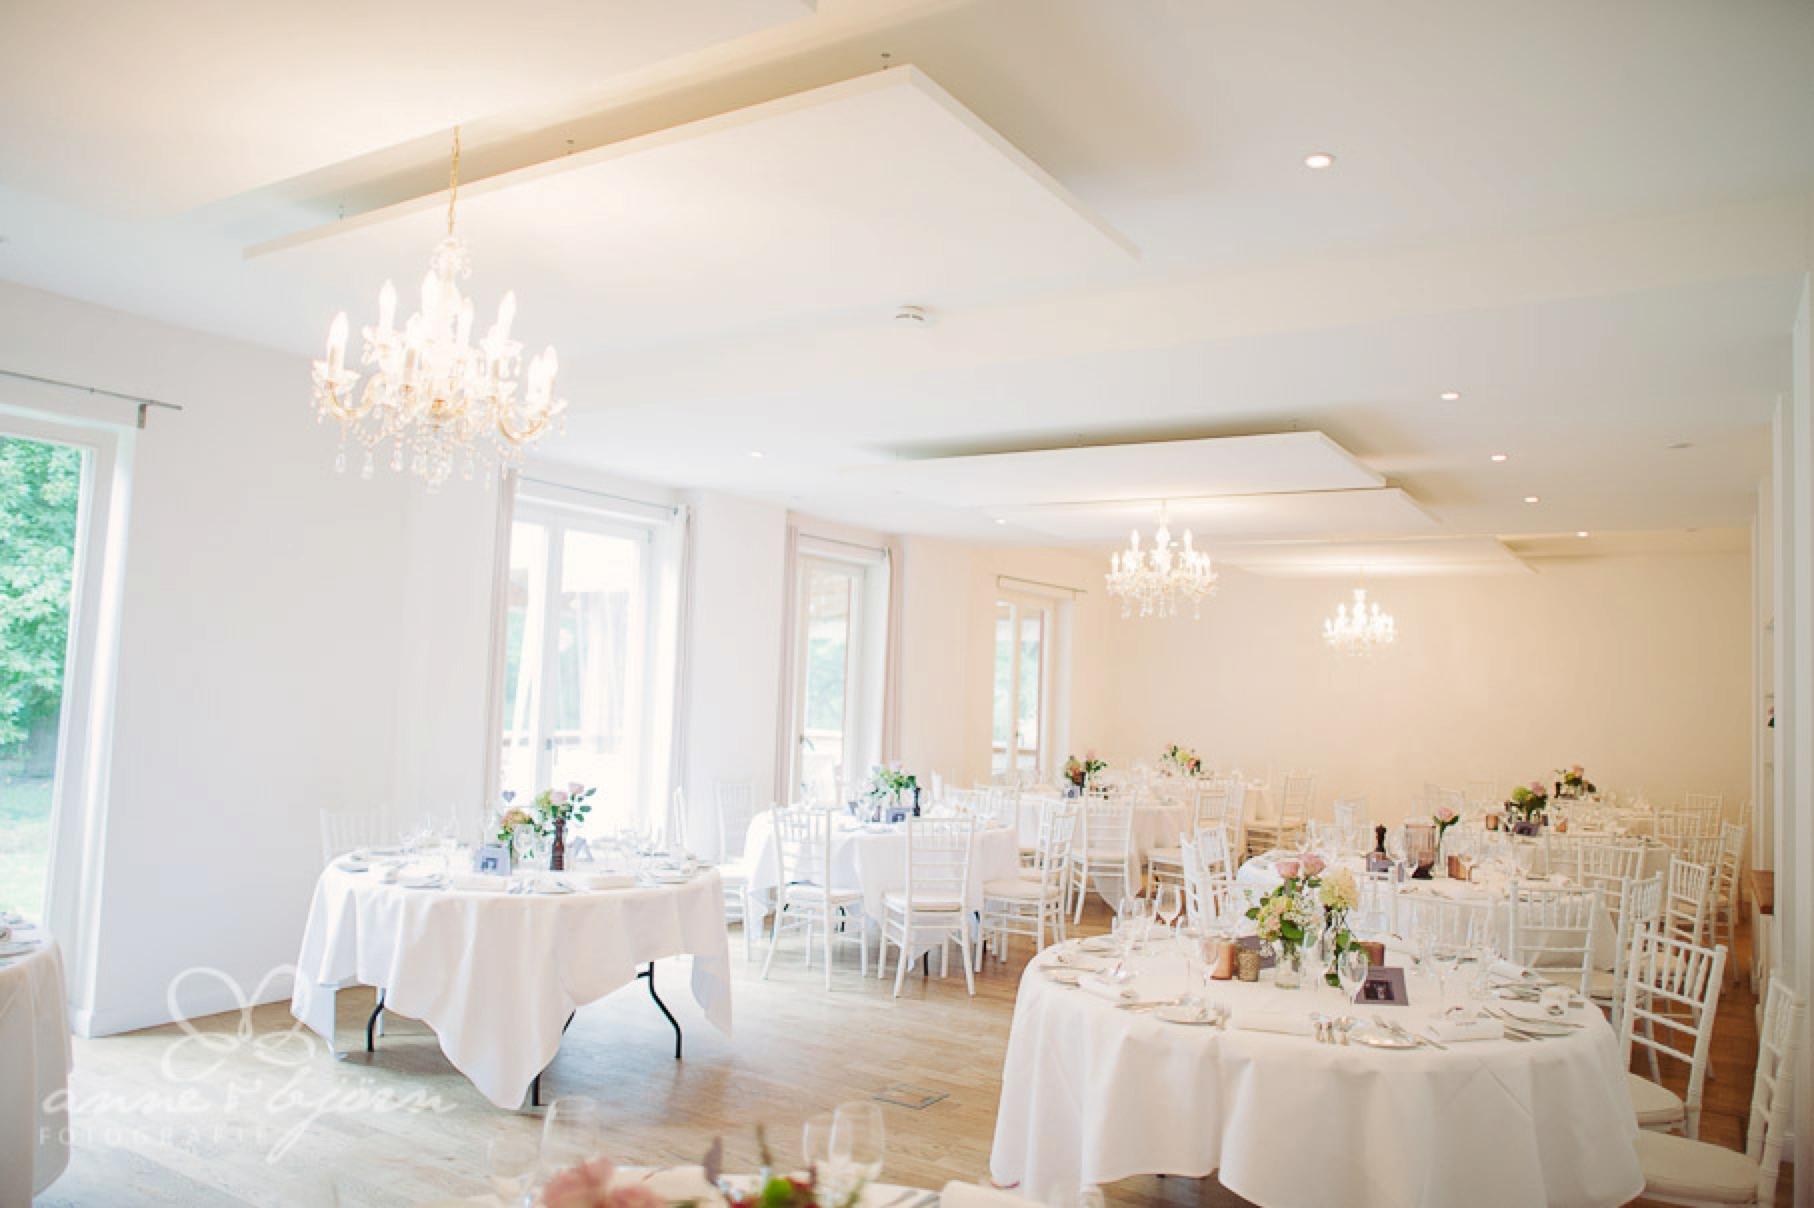 0070 cup aub 21868 1 - Conny und Philipp - Hochzeit im Hotel Waldhof auf Herrenland